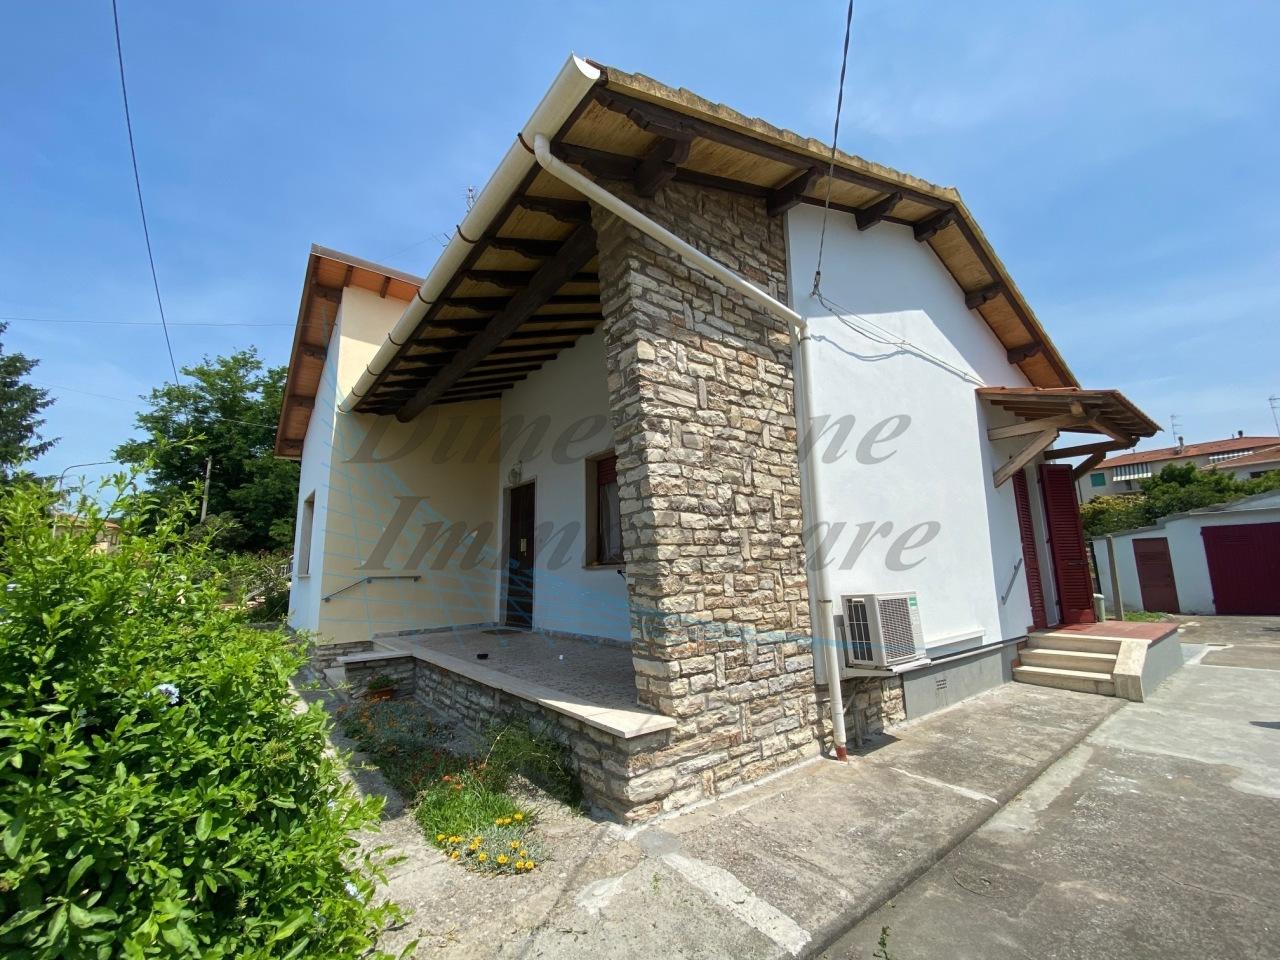 Casa indipendente in affitto a Rosignano Solvay, Rosignano Marittimo (LI)